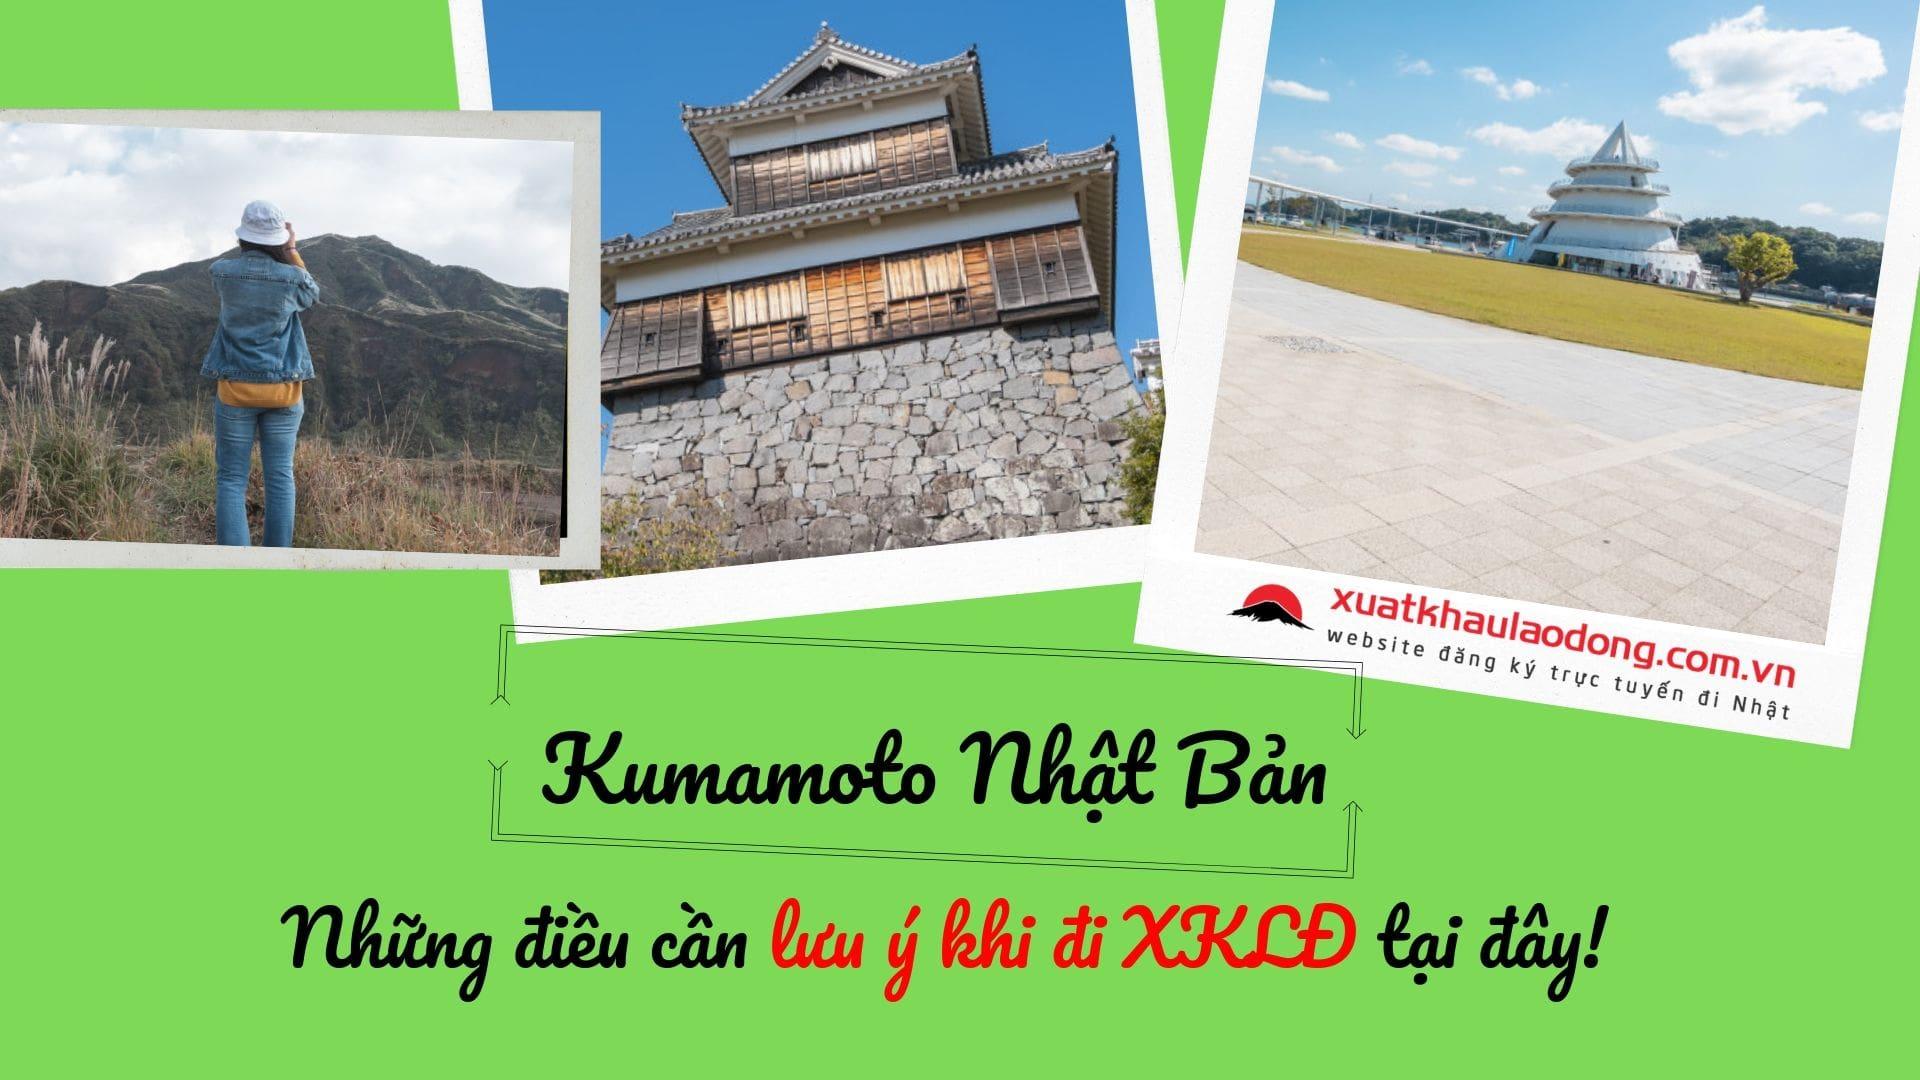 Kumamoto Nhật bản – Những điều cần lưu ý khi đi xuất khẩu lao động tại đây!